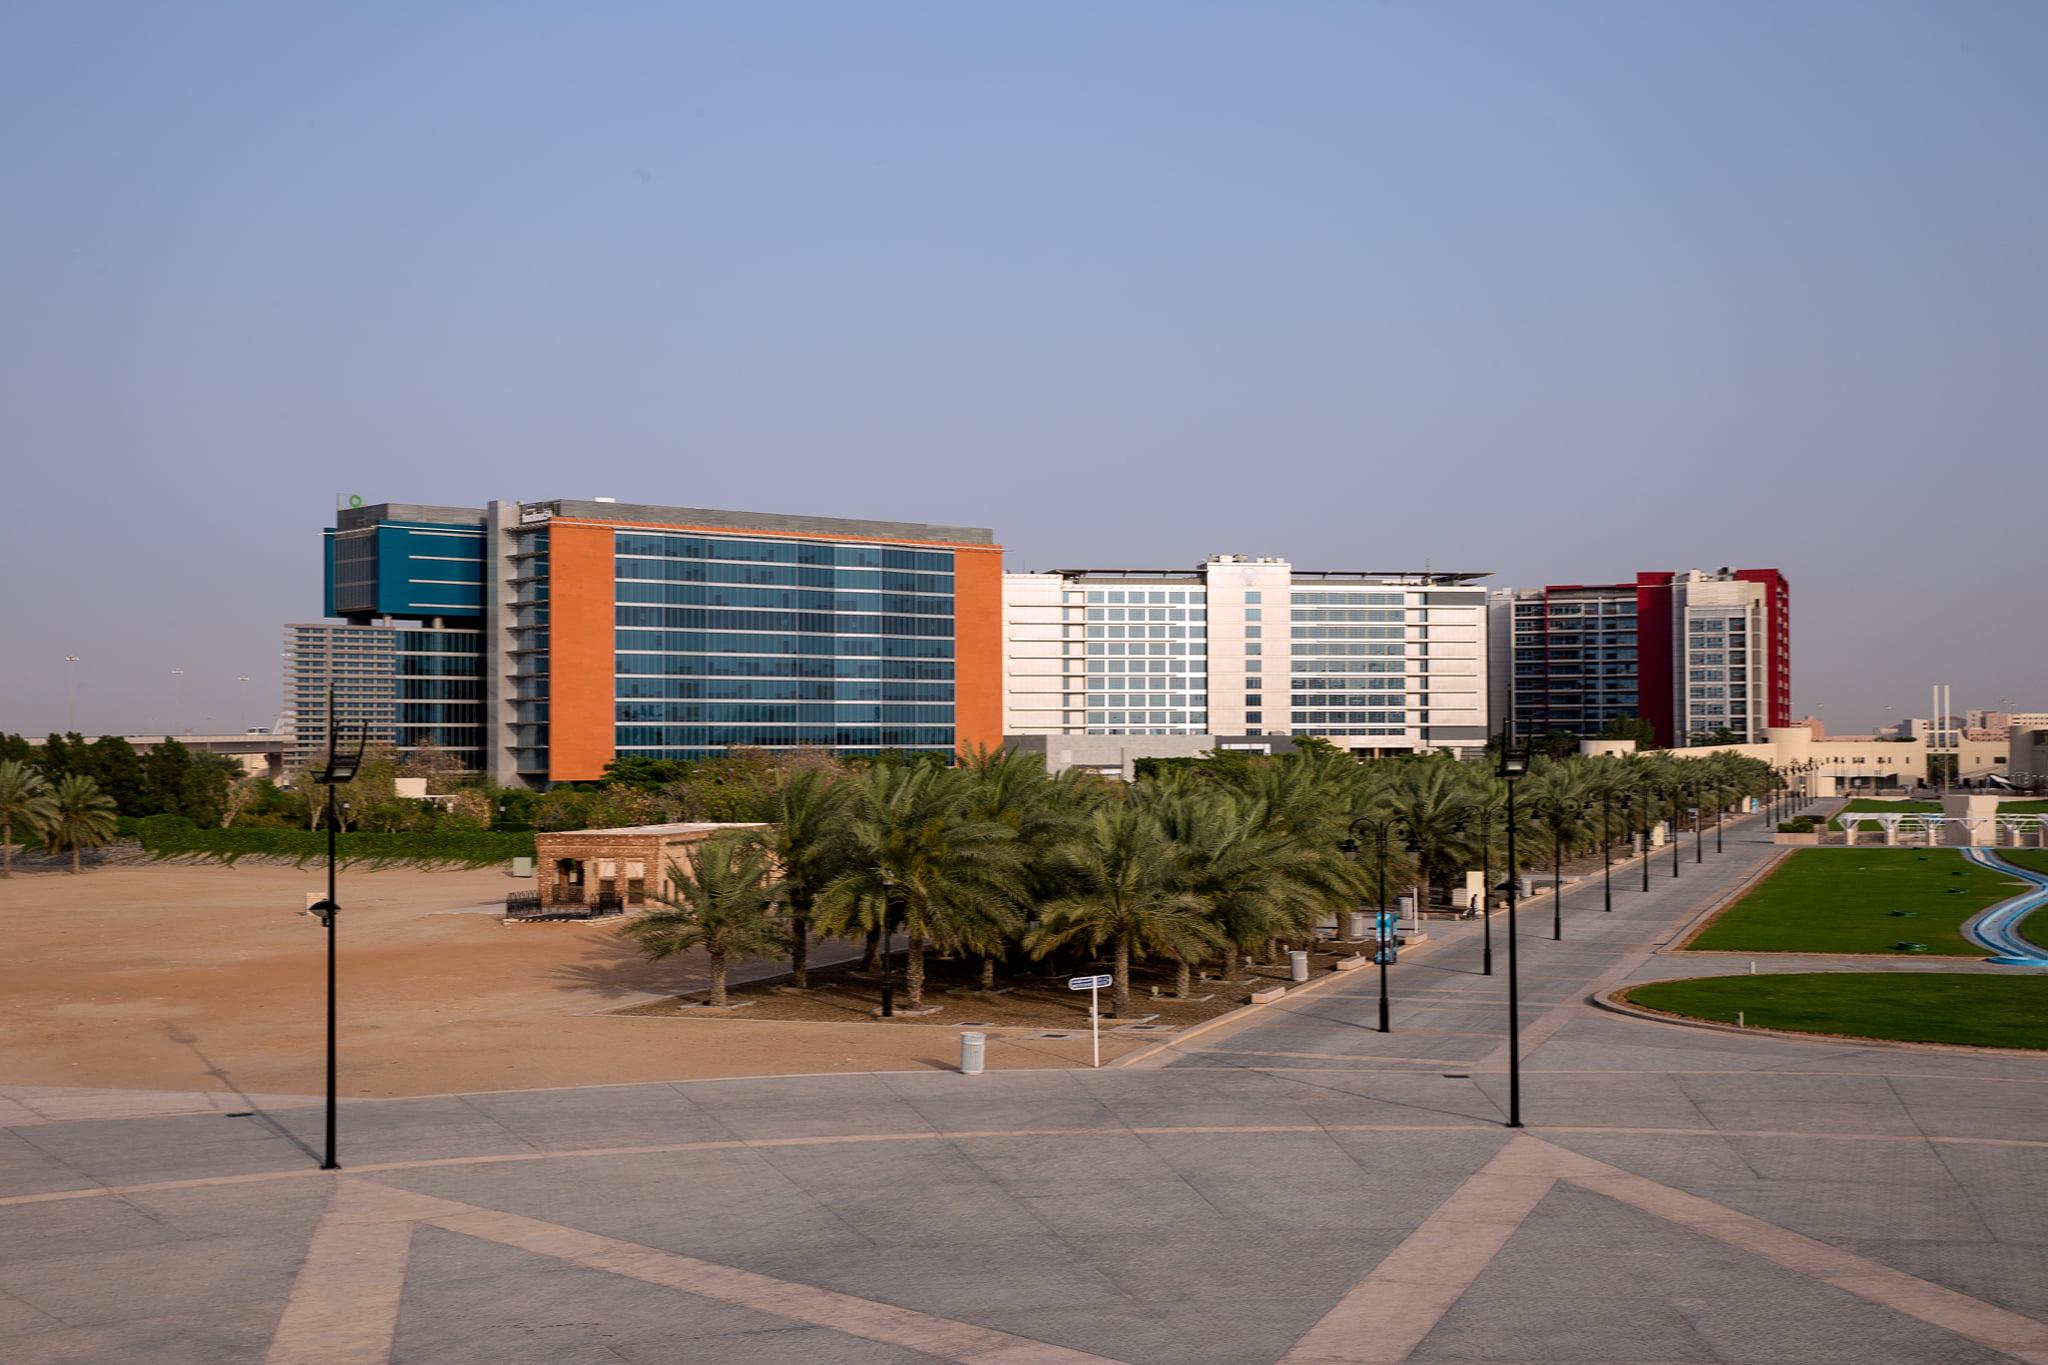 Khalifa Park